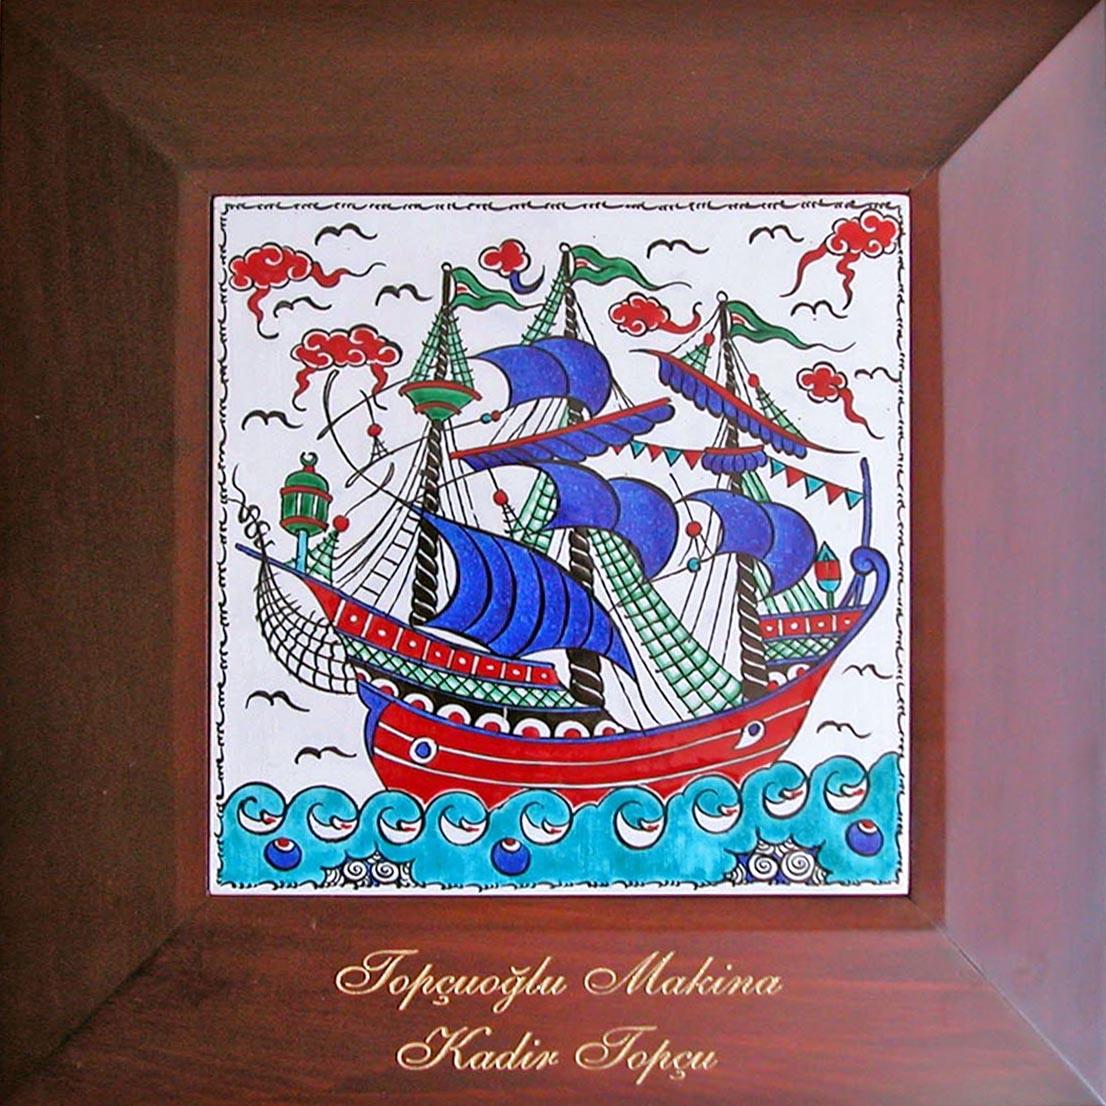 Osmanlı Kalyonlu Gemili Hediyelik Çerçeveli Kutulu  Çini Panolar